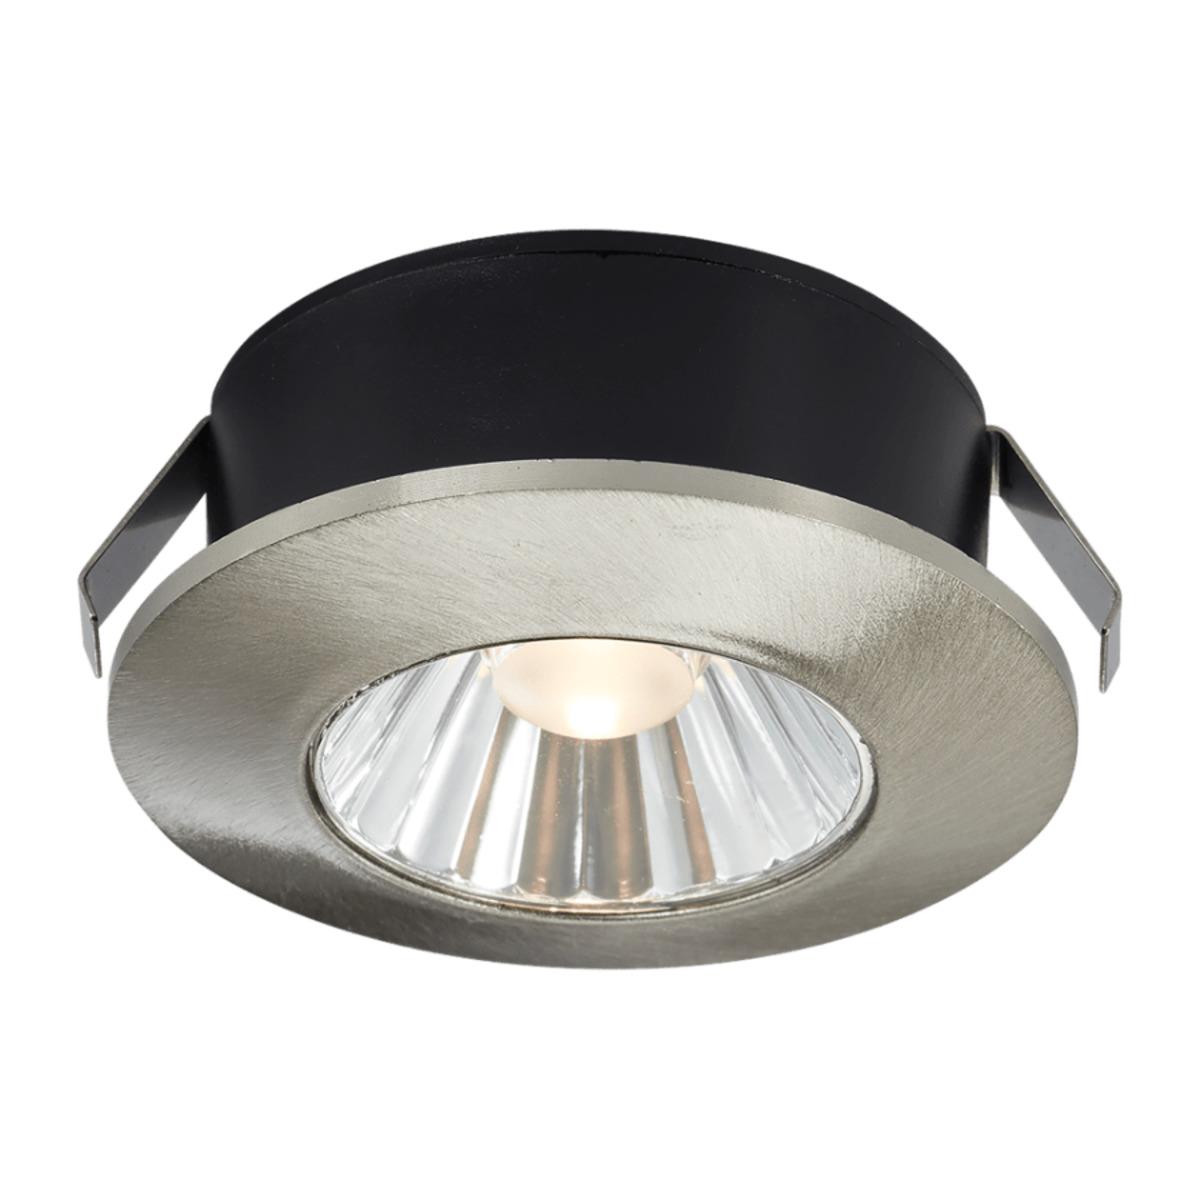 Bild 3 von LIGHTZONE     LED-Einbauleuchten